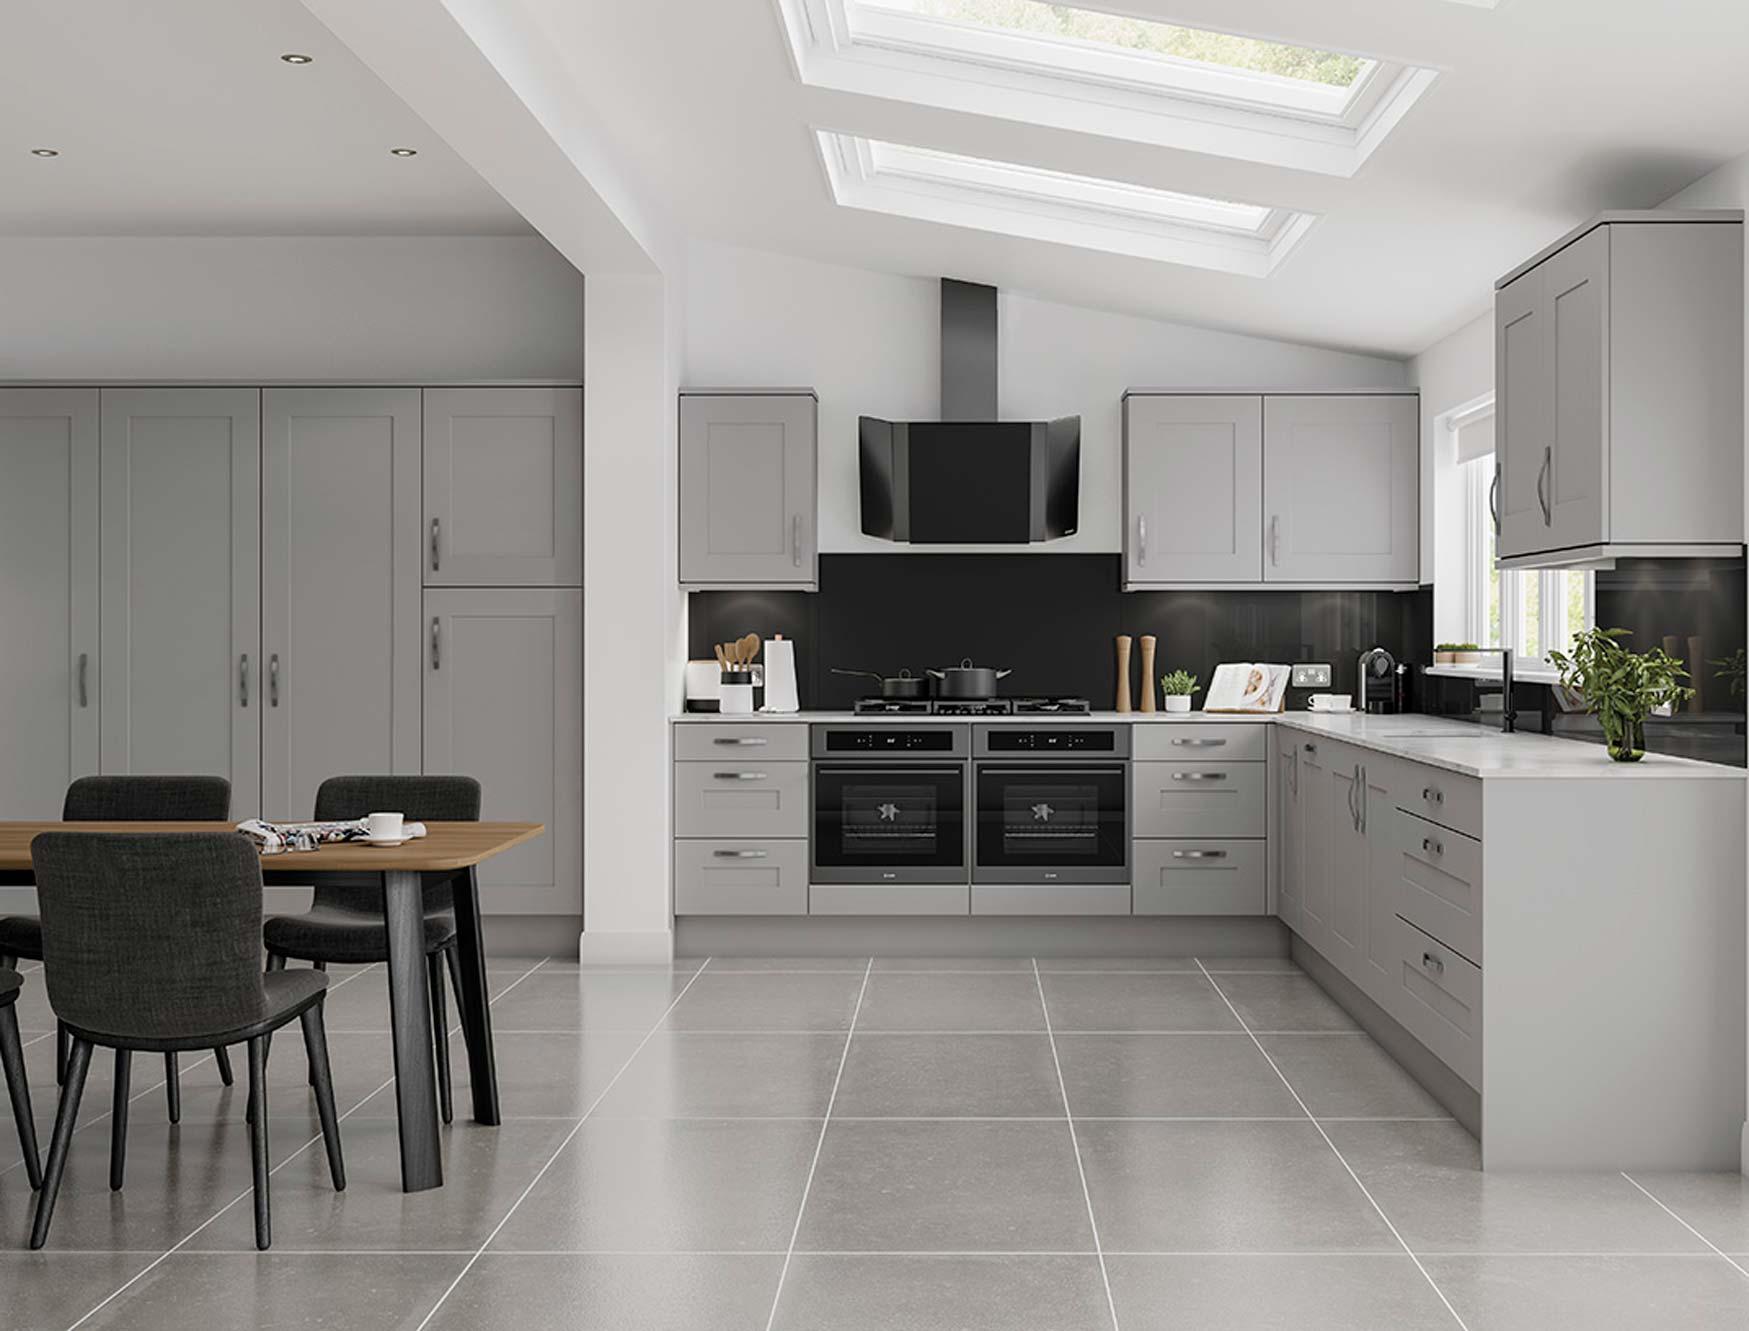 Solent grey kitchen